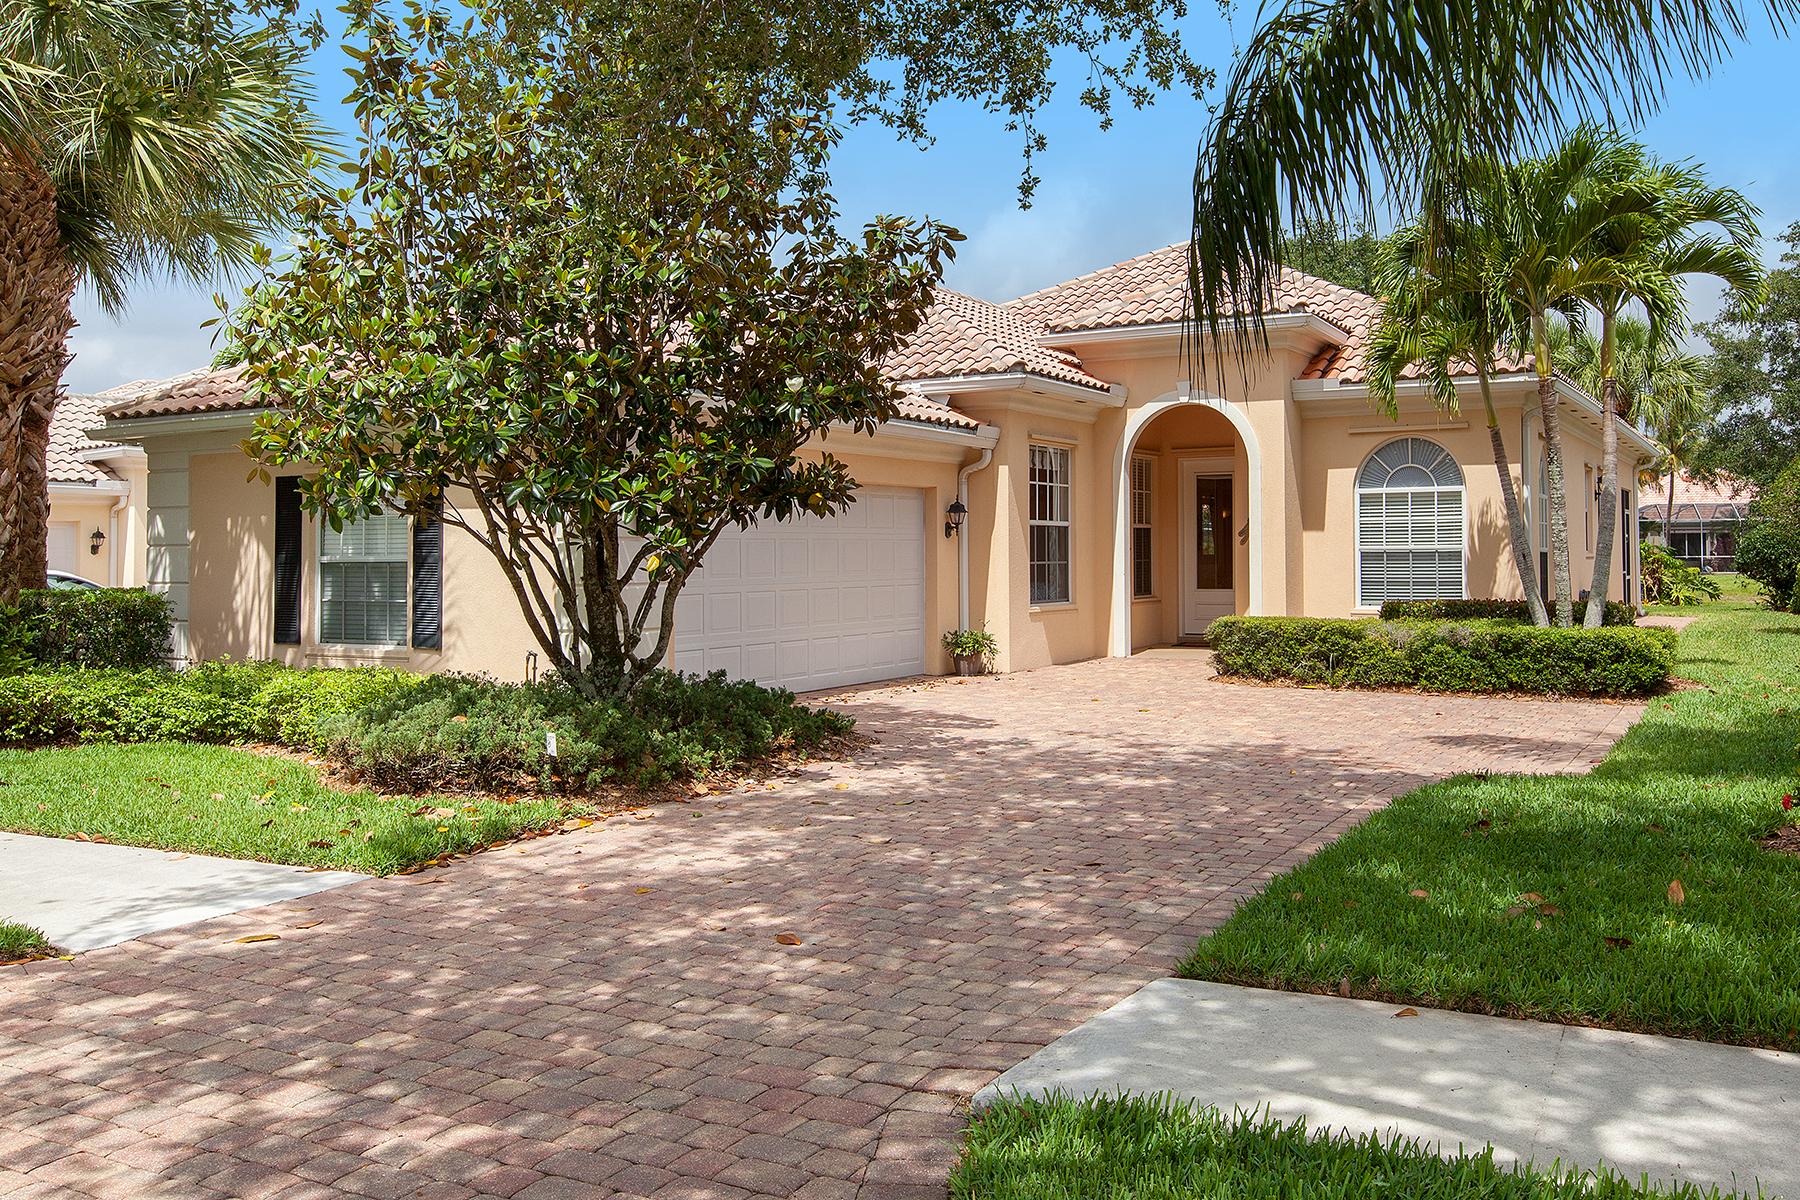 Villa per Vendita alle ore Naples-Island Walk 2930 Gilford Way Naples, Florida, 34119 Stati Uniti